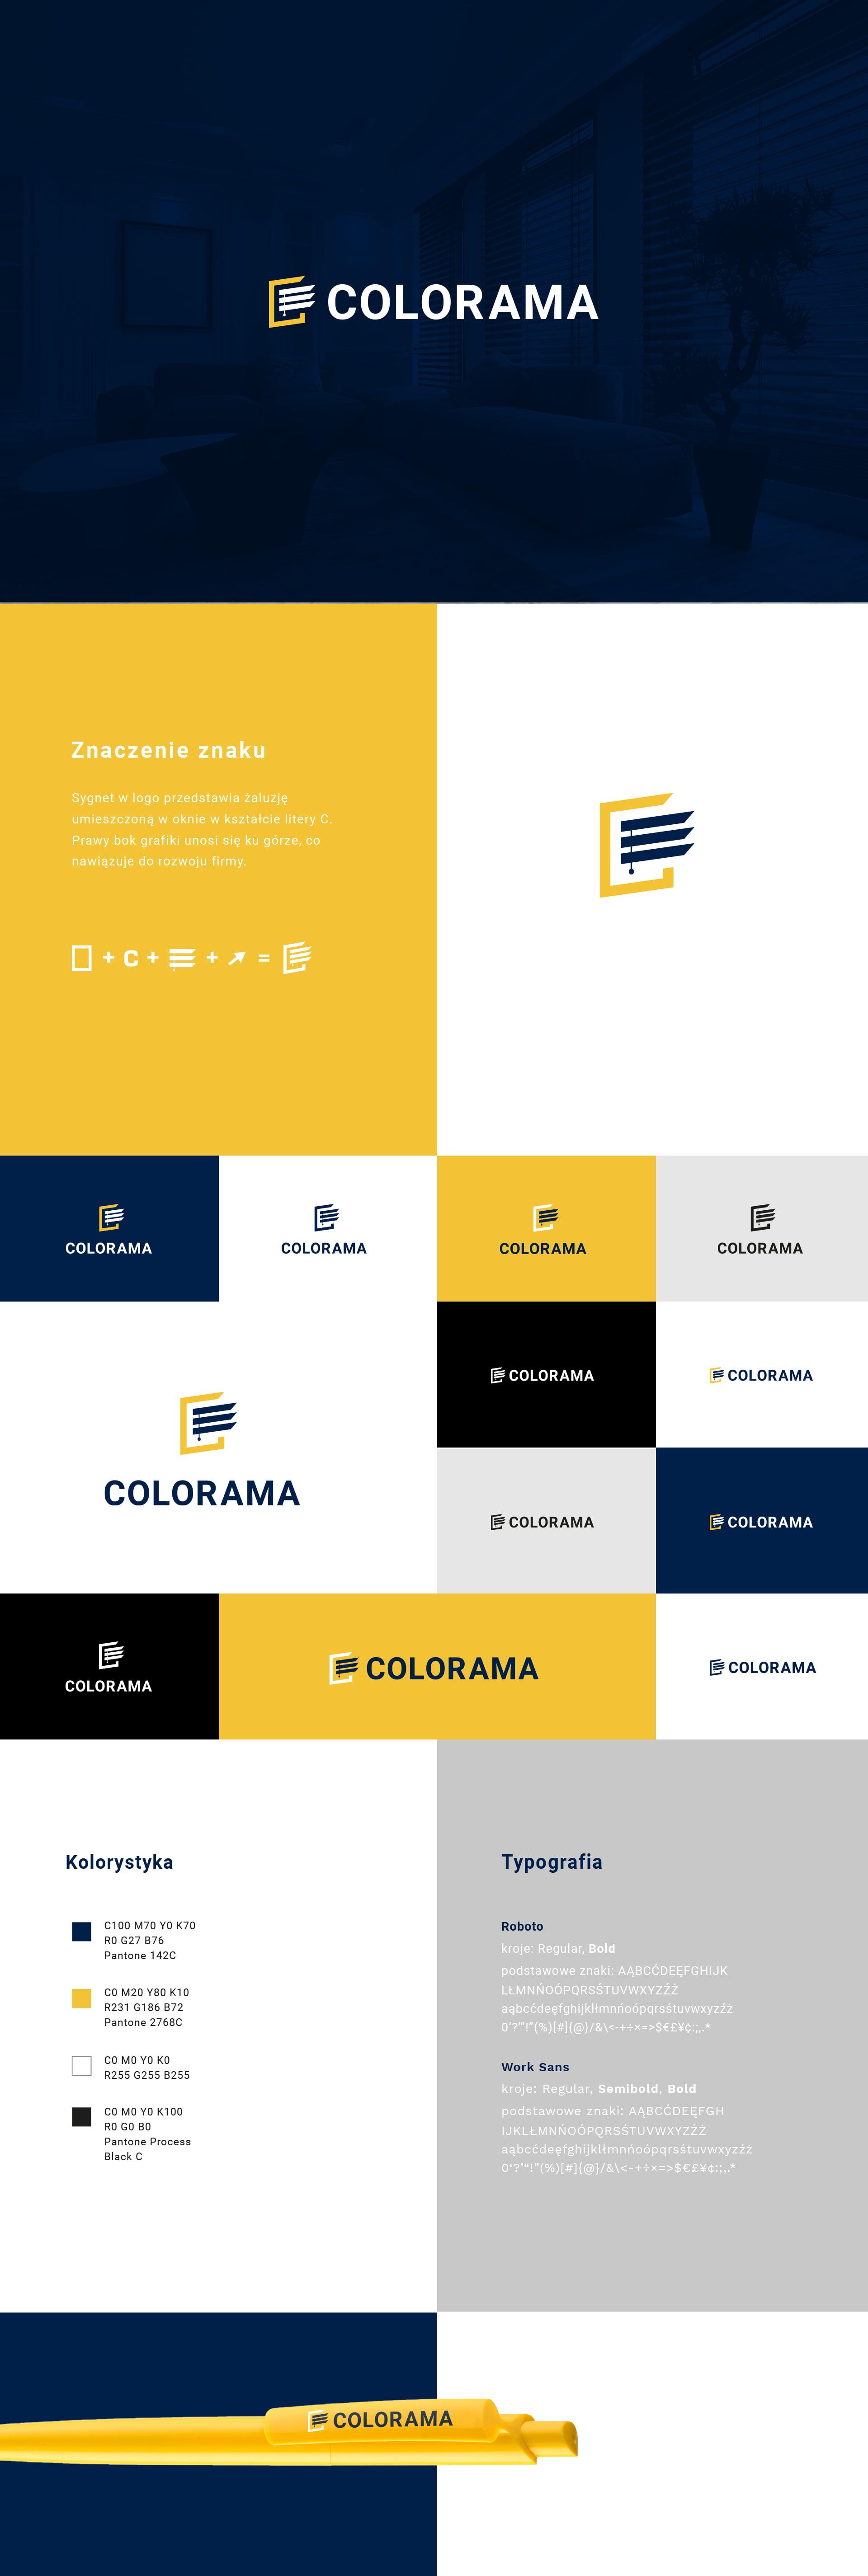 Logo marki Colorama w różnych konfiguracjach